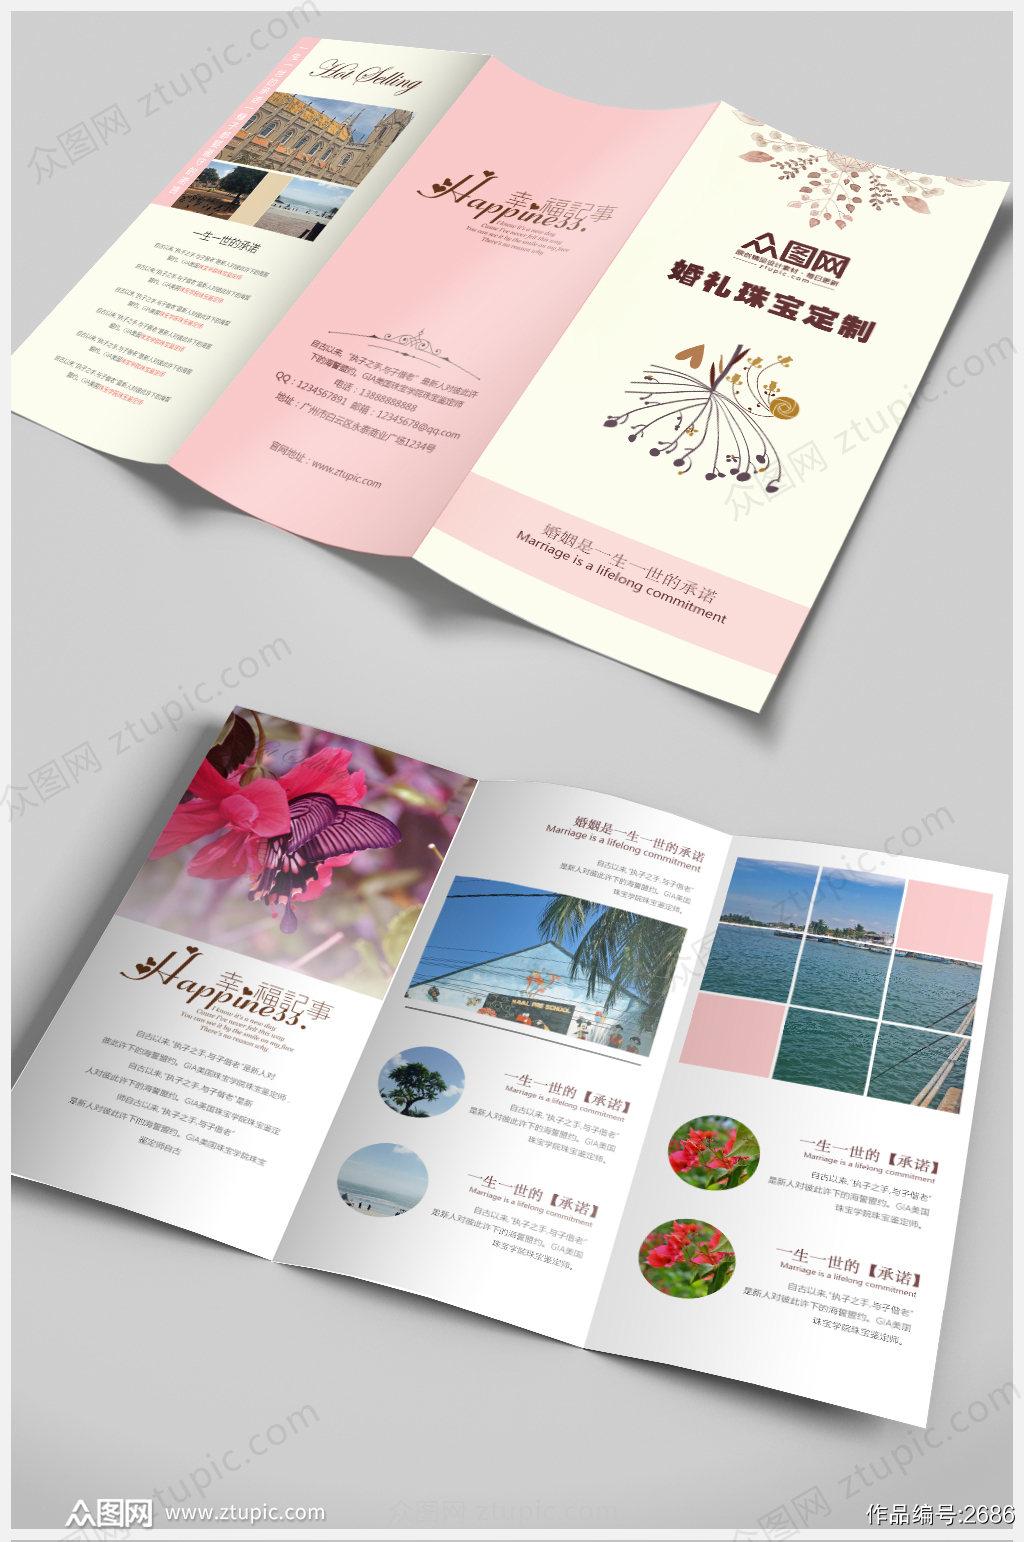 粉色优美婚礼珠宝定制设计三折页素材